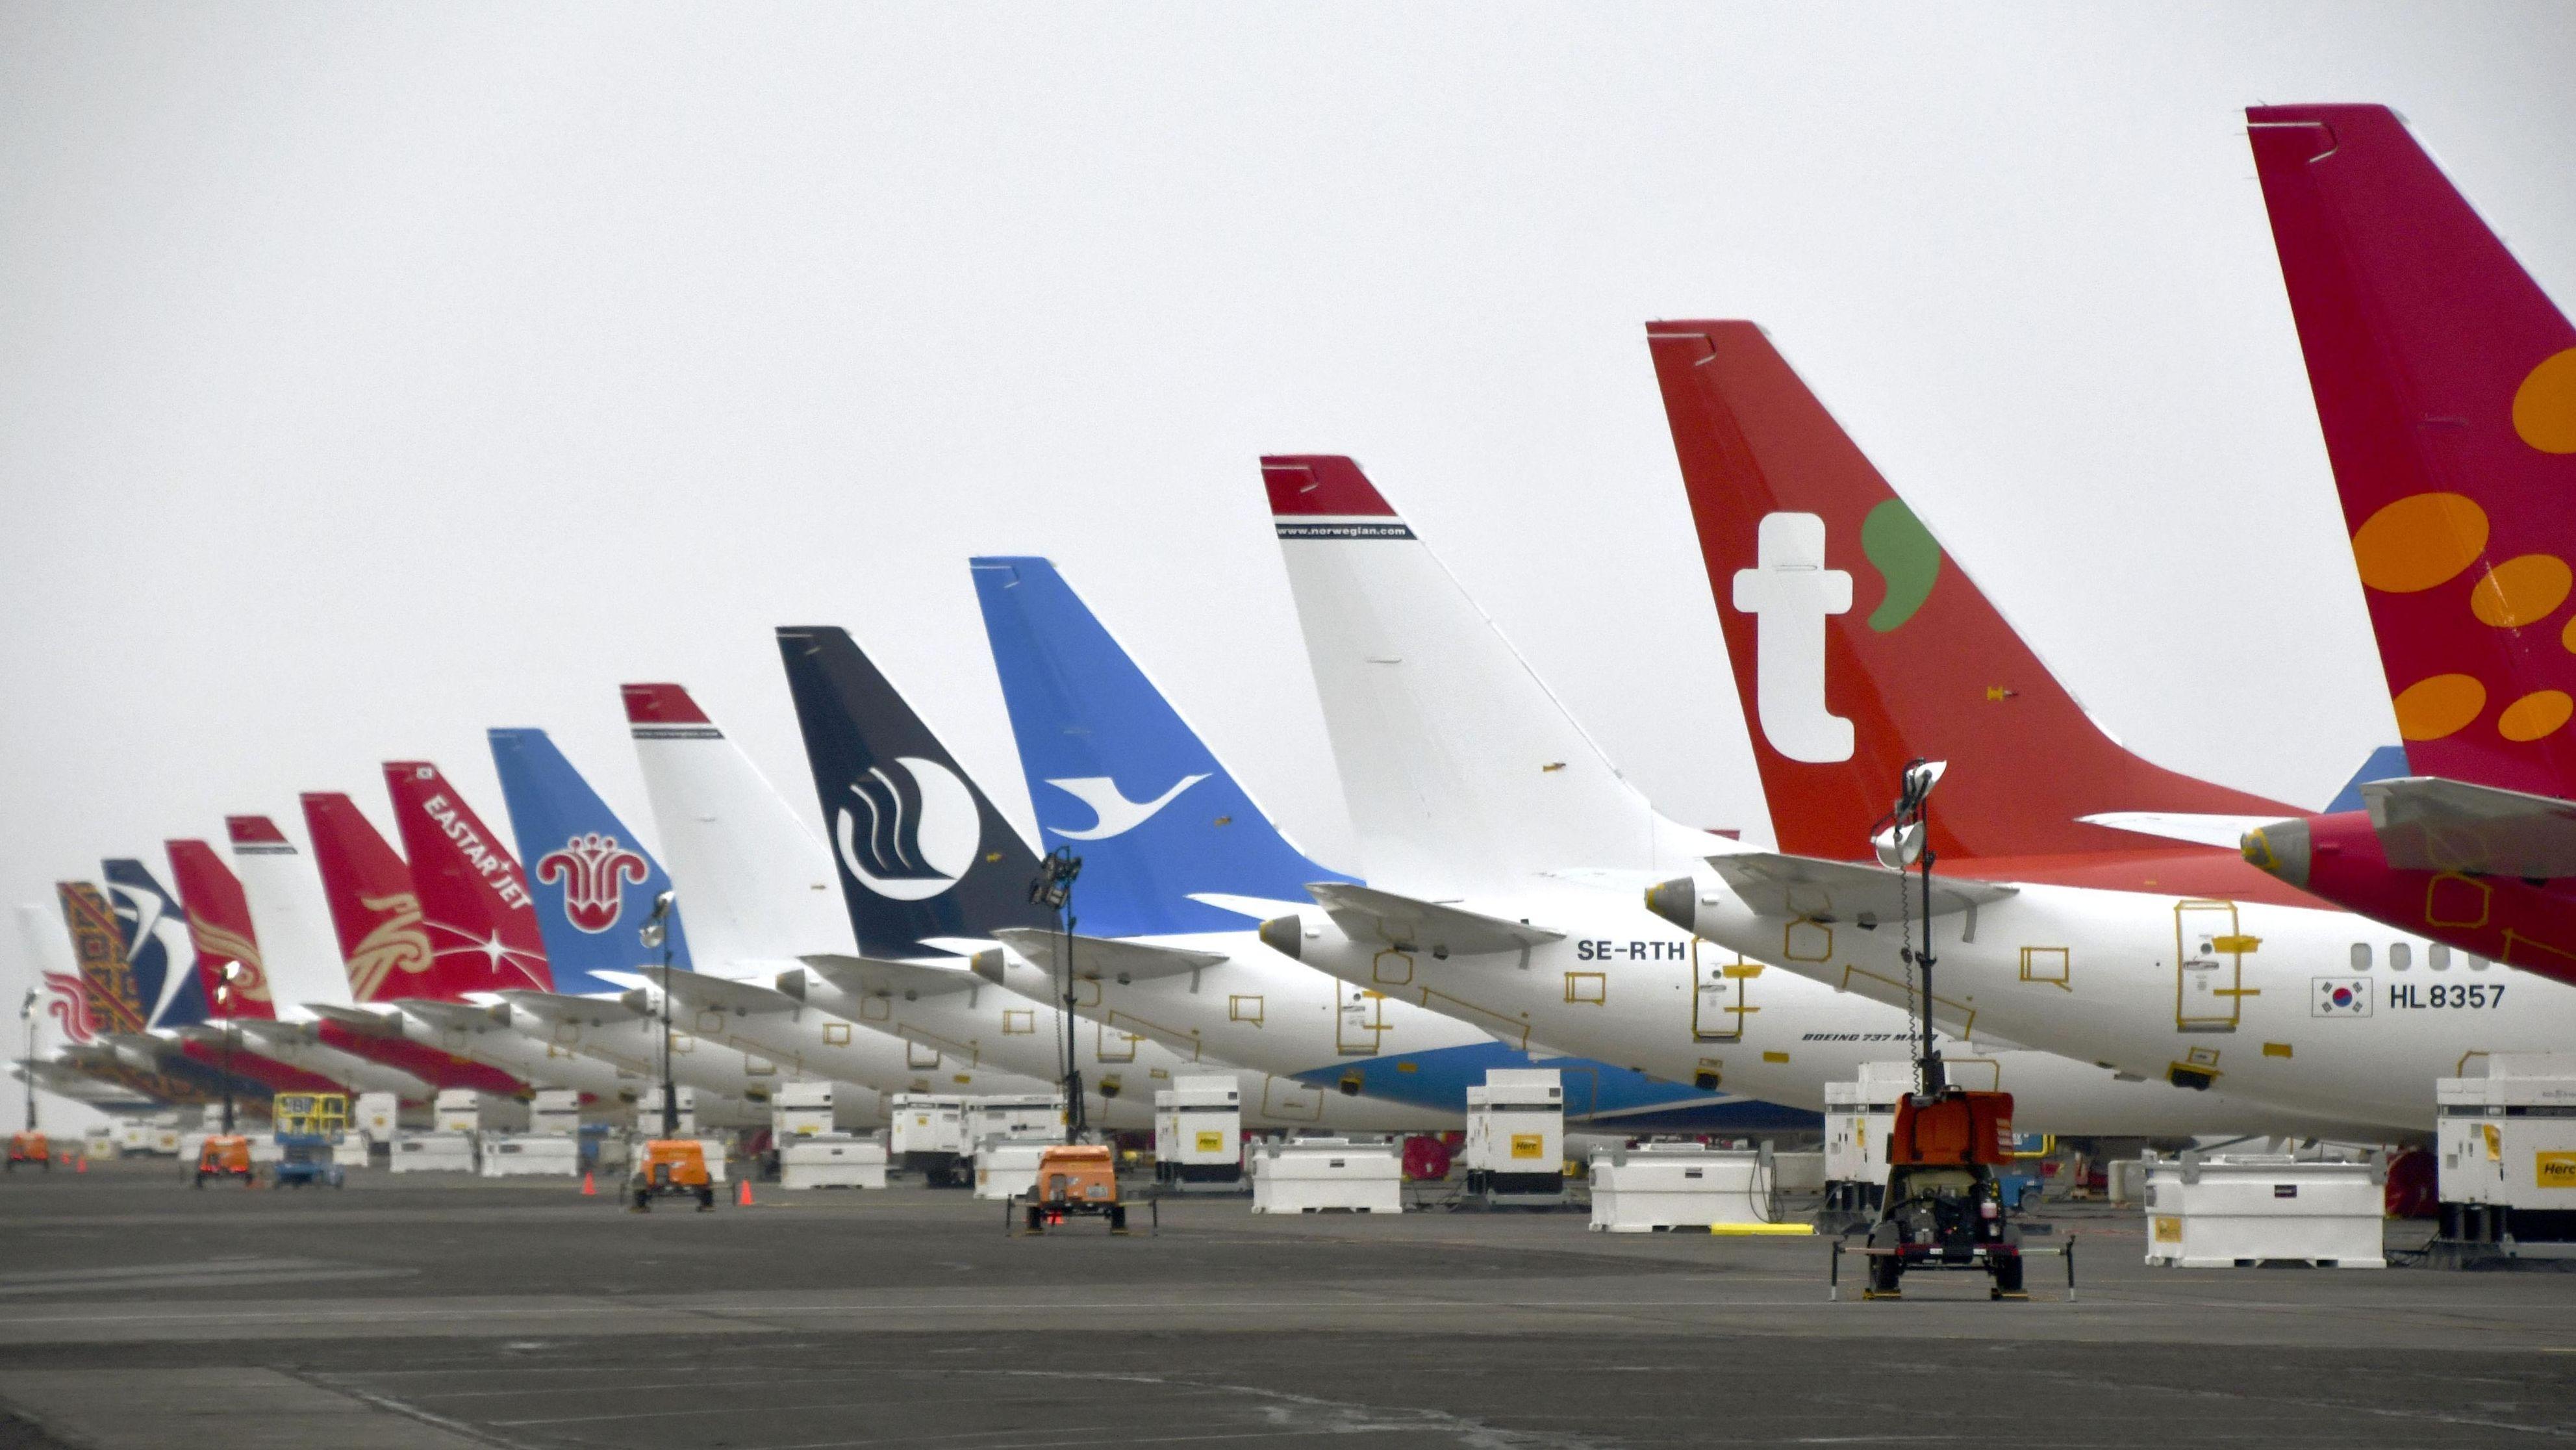 Flugzeuge von Typ Boeing 737 MAX verschiedener Fluggesellschaften stehen  auf einem Flughafen im US-Bundesstaat Washington.